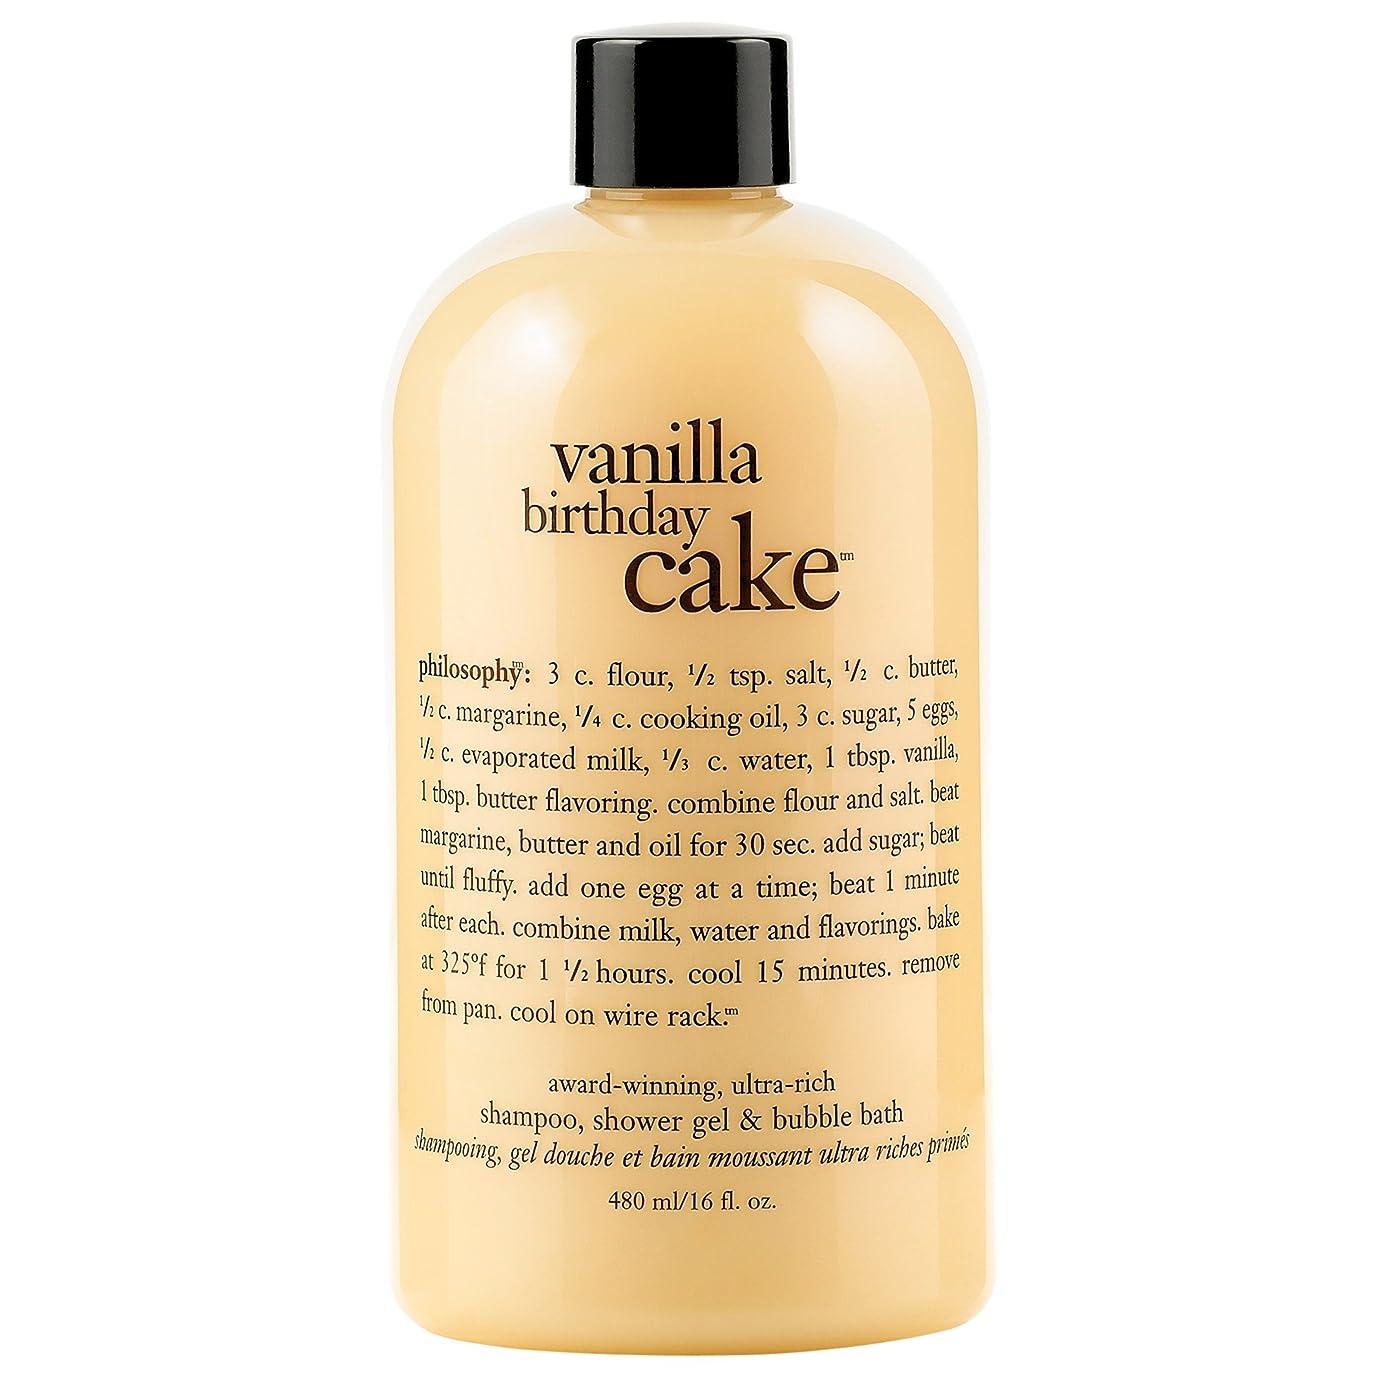 悲しい不利臭い哲学バニラバースデーケーキシャンプー/シャワージェル/バブルバス480ミリリットル (Philosophy) - Philosophy Vanilla Birthday Cake Shampoo/Shower Gel/Bubble Bath 480ml [並行輸入品]